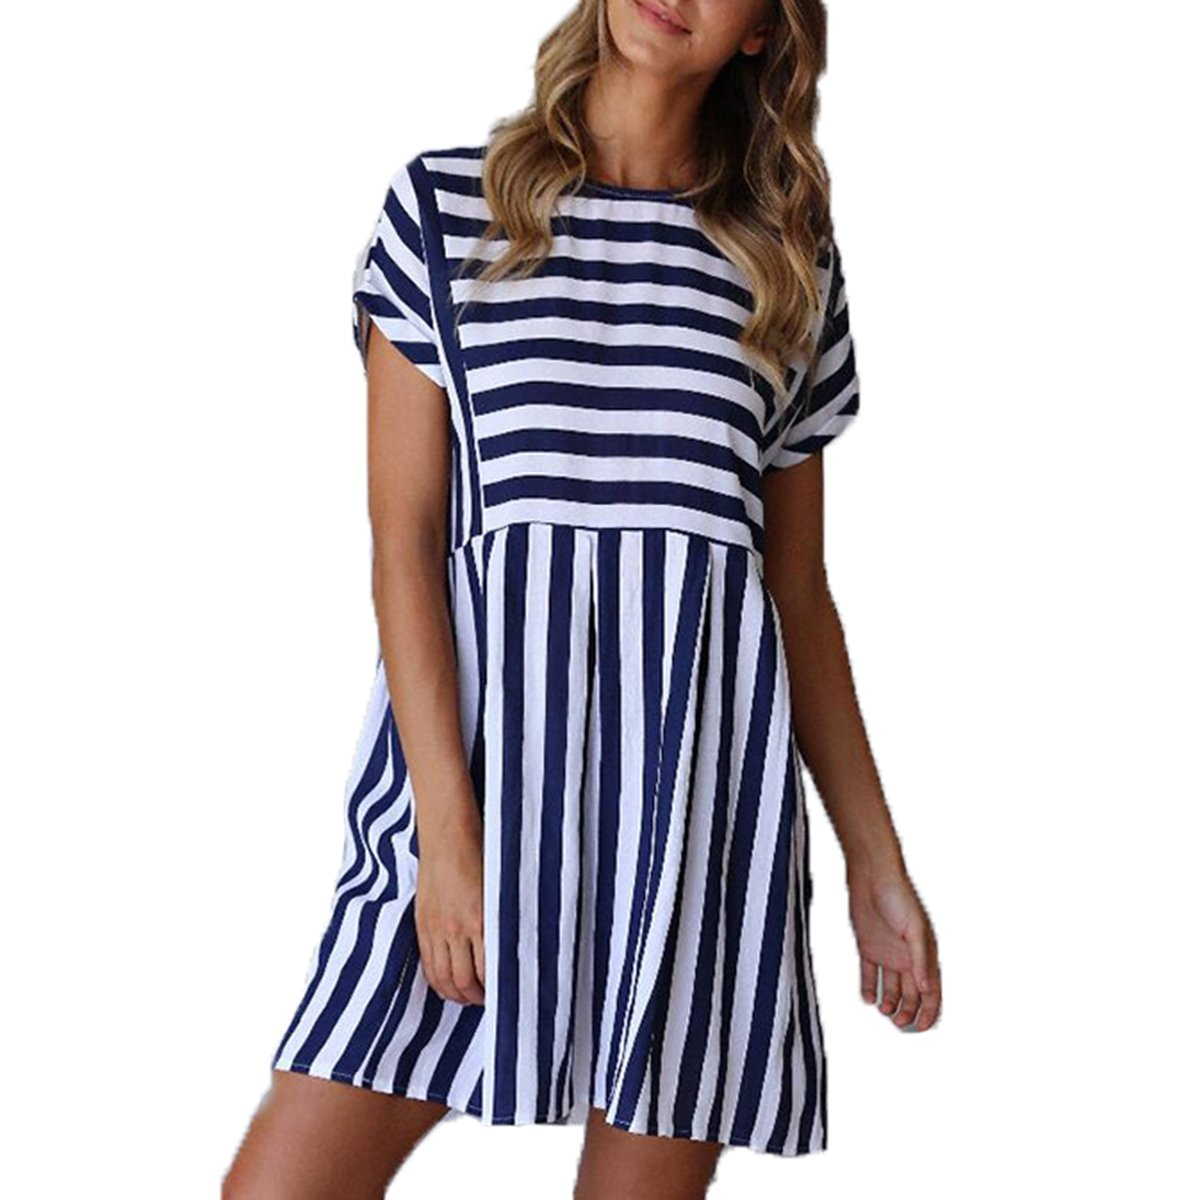 a8d8d1347ec7 ChongXiao Cute Dresses for Women Short Casual Cute Short Sleeve Mini Summer  Striped Dress